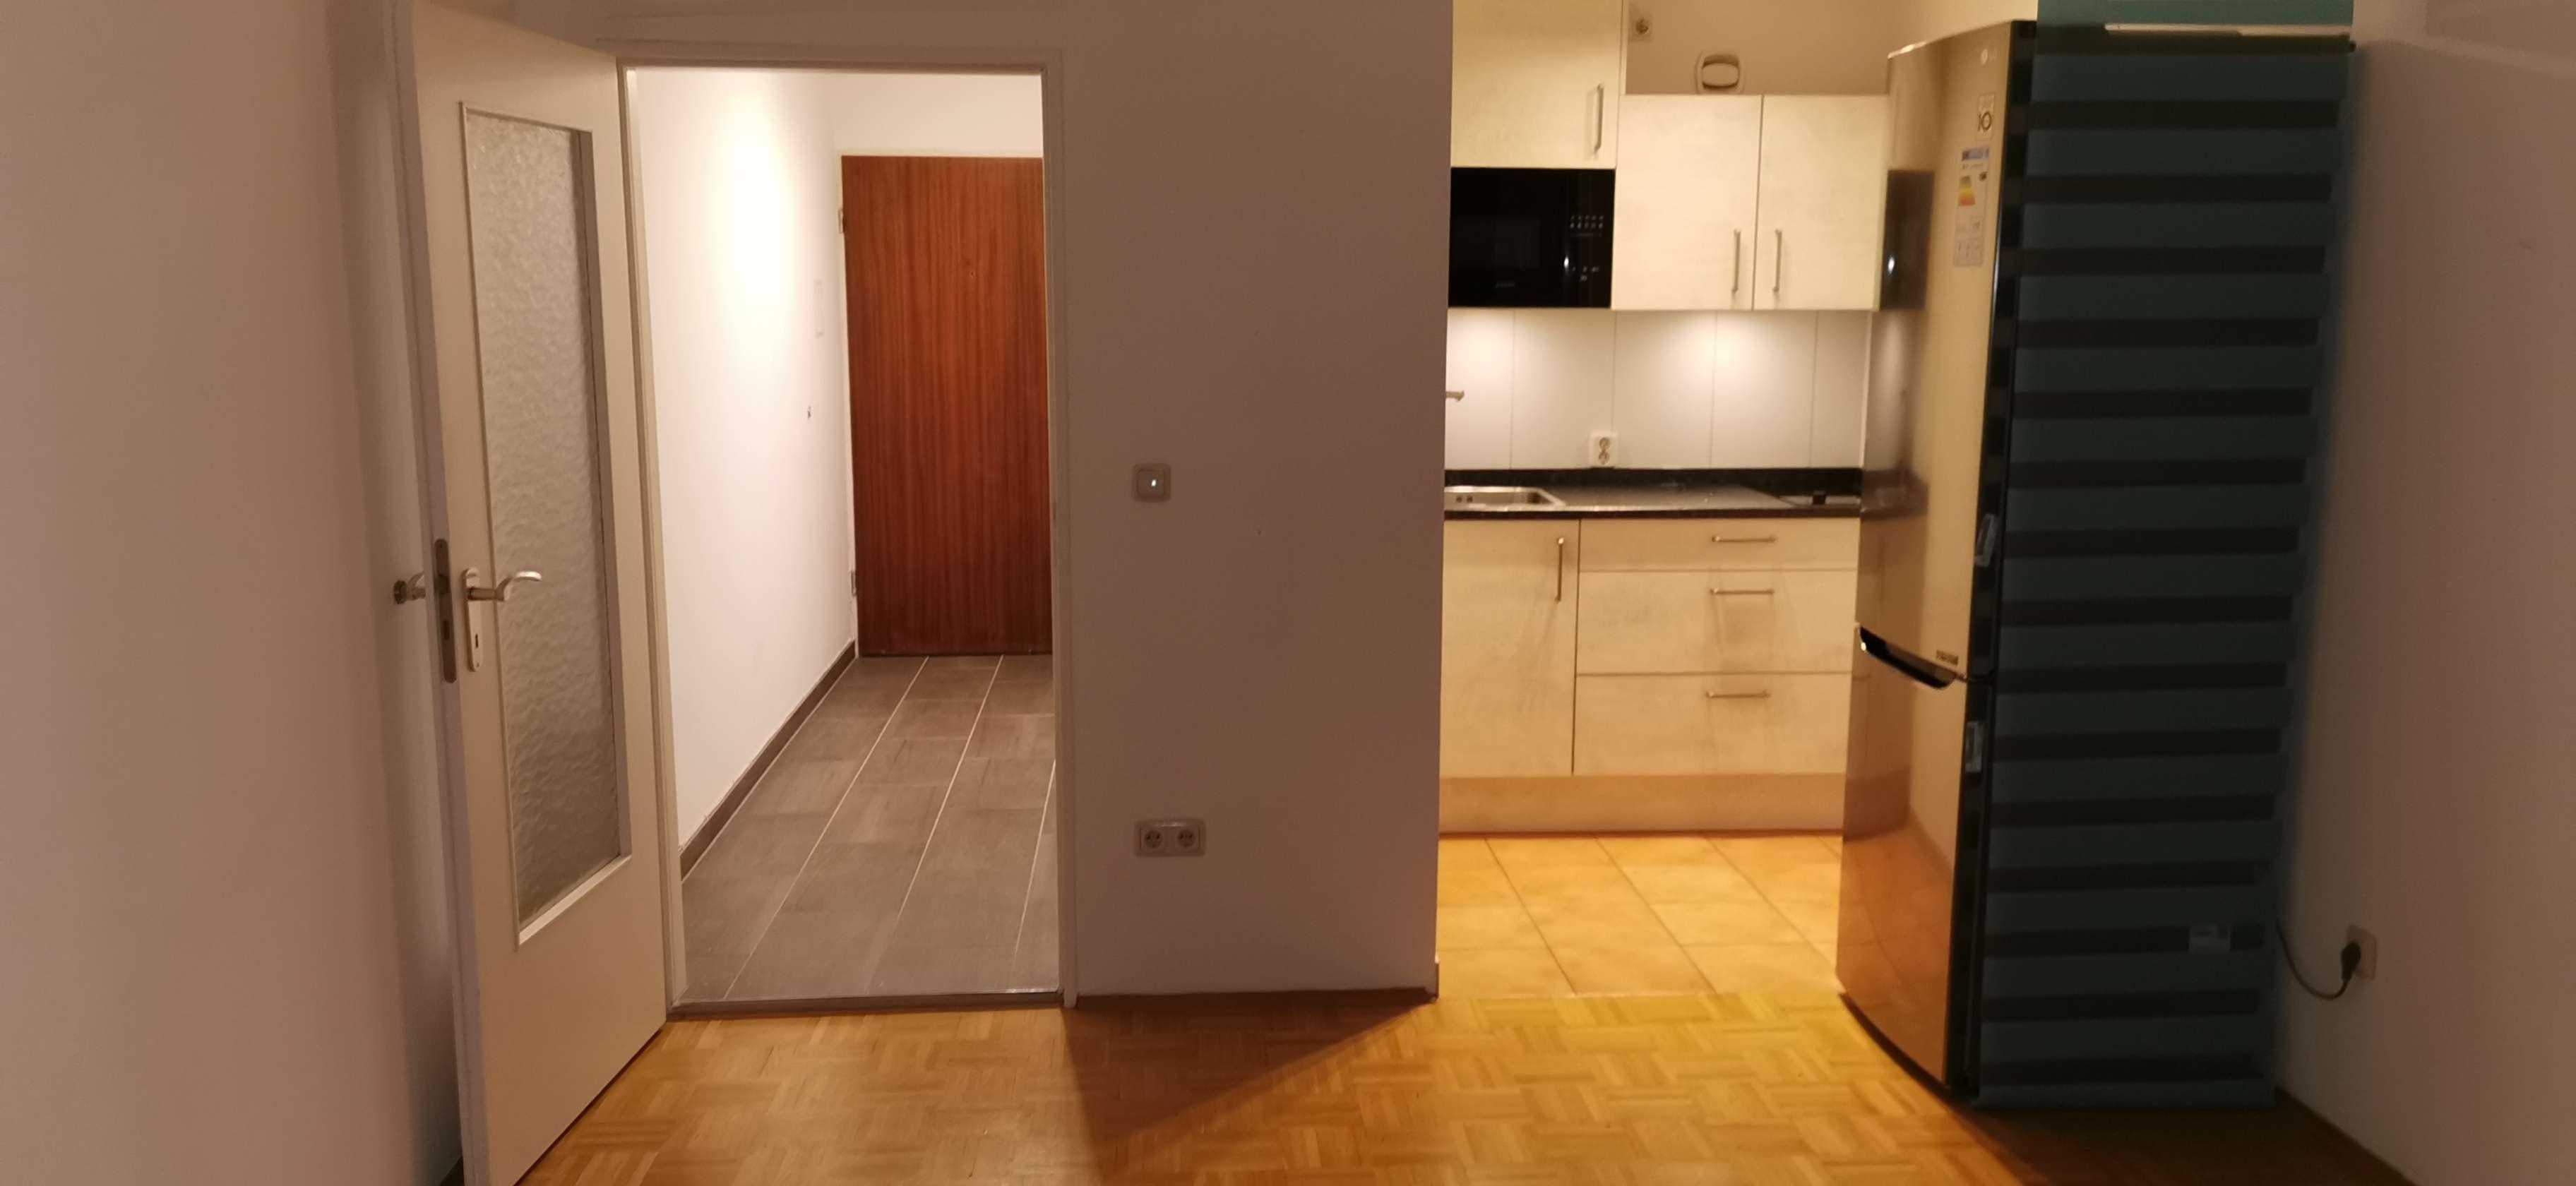 Wunderschöne 1 Zimmer Wohnung in München, Schwabing-West in Schwabing-West (München)